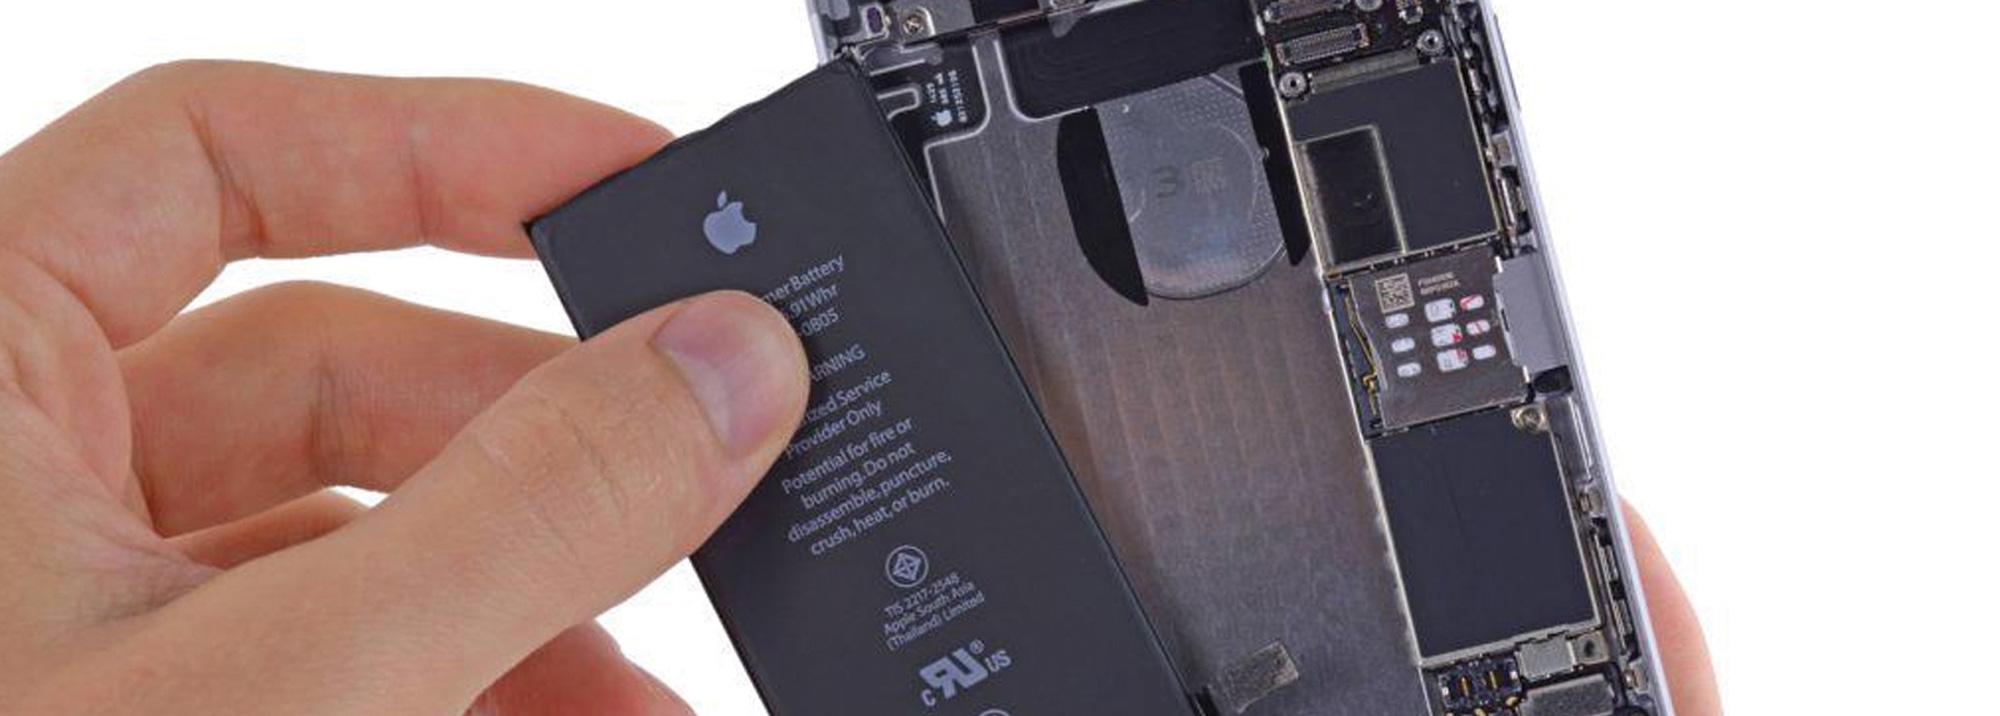 Centro de Serviços Autorizado Apple